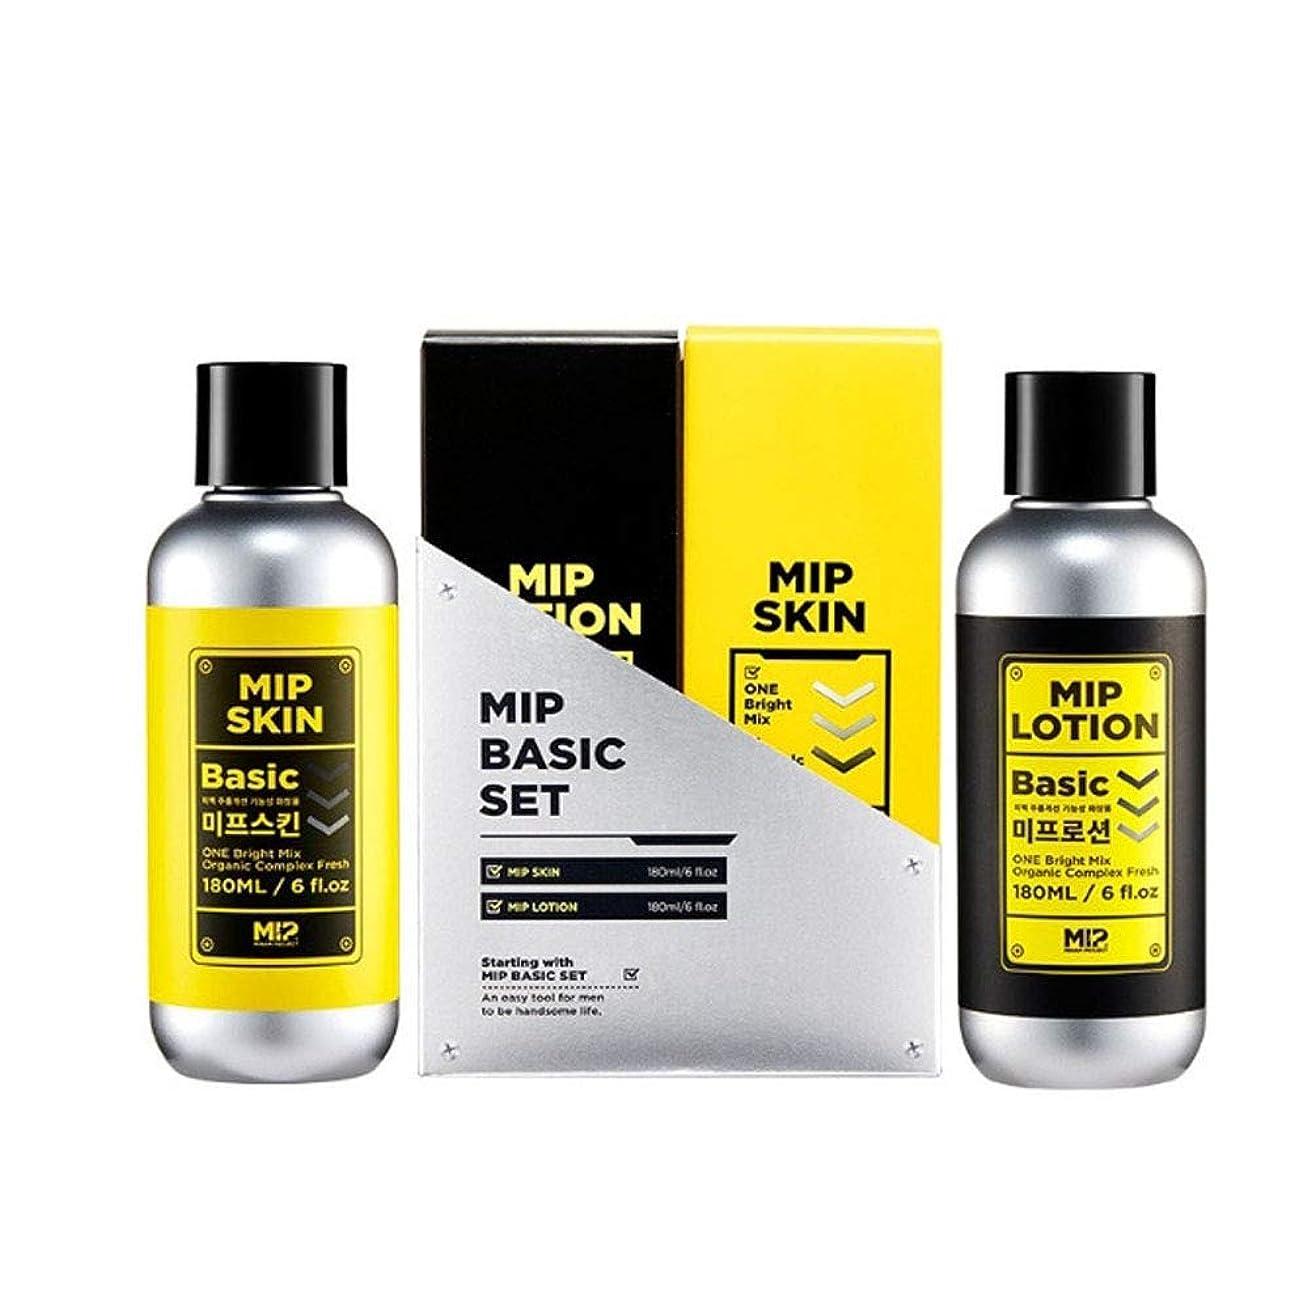 ボードパールバドミントンミップスキン180mlローション180mlセットメンズコスメ韓国コスメ、Mip Skin 180ml Lotion 180ml Set Men's Cosmetics Korean Cosmetics [並行輸入品]